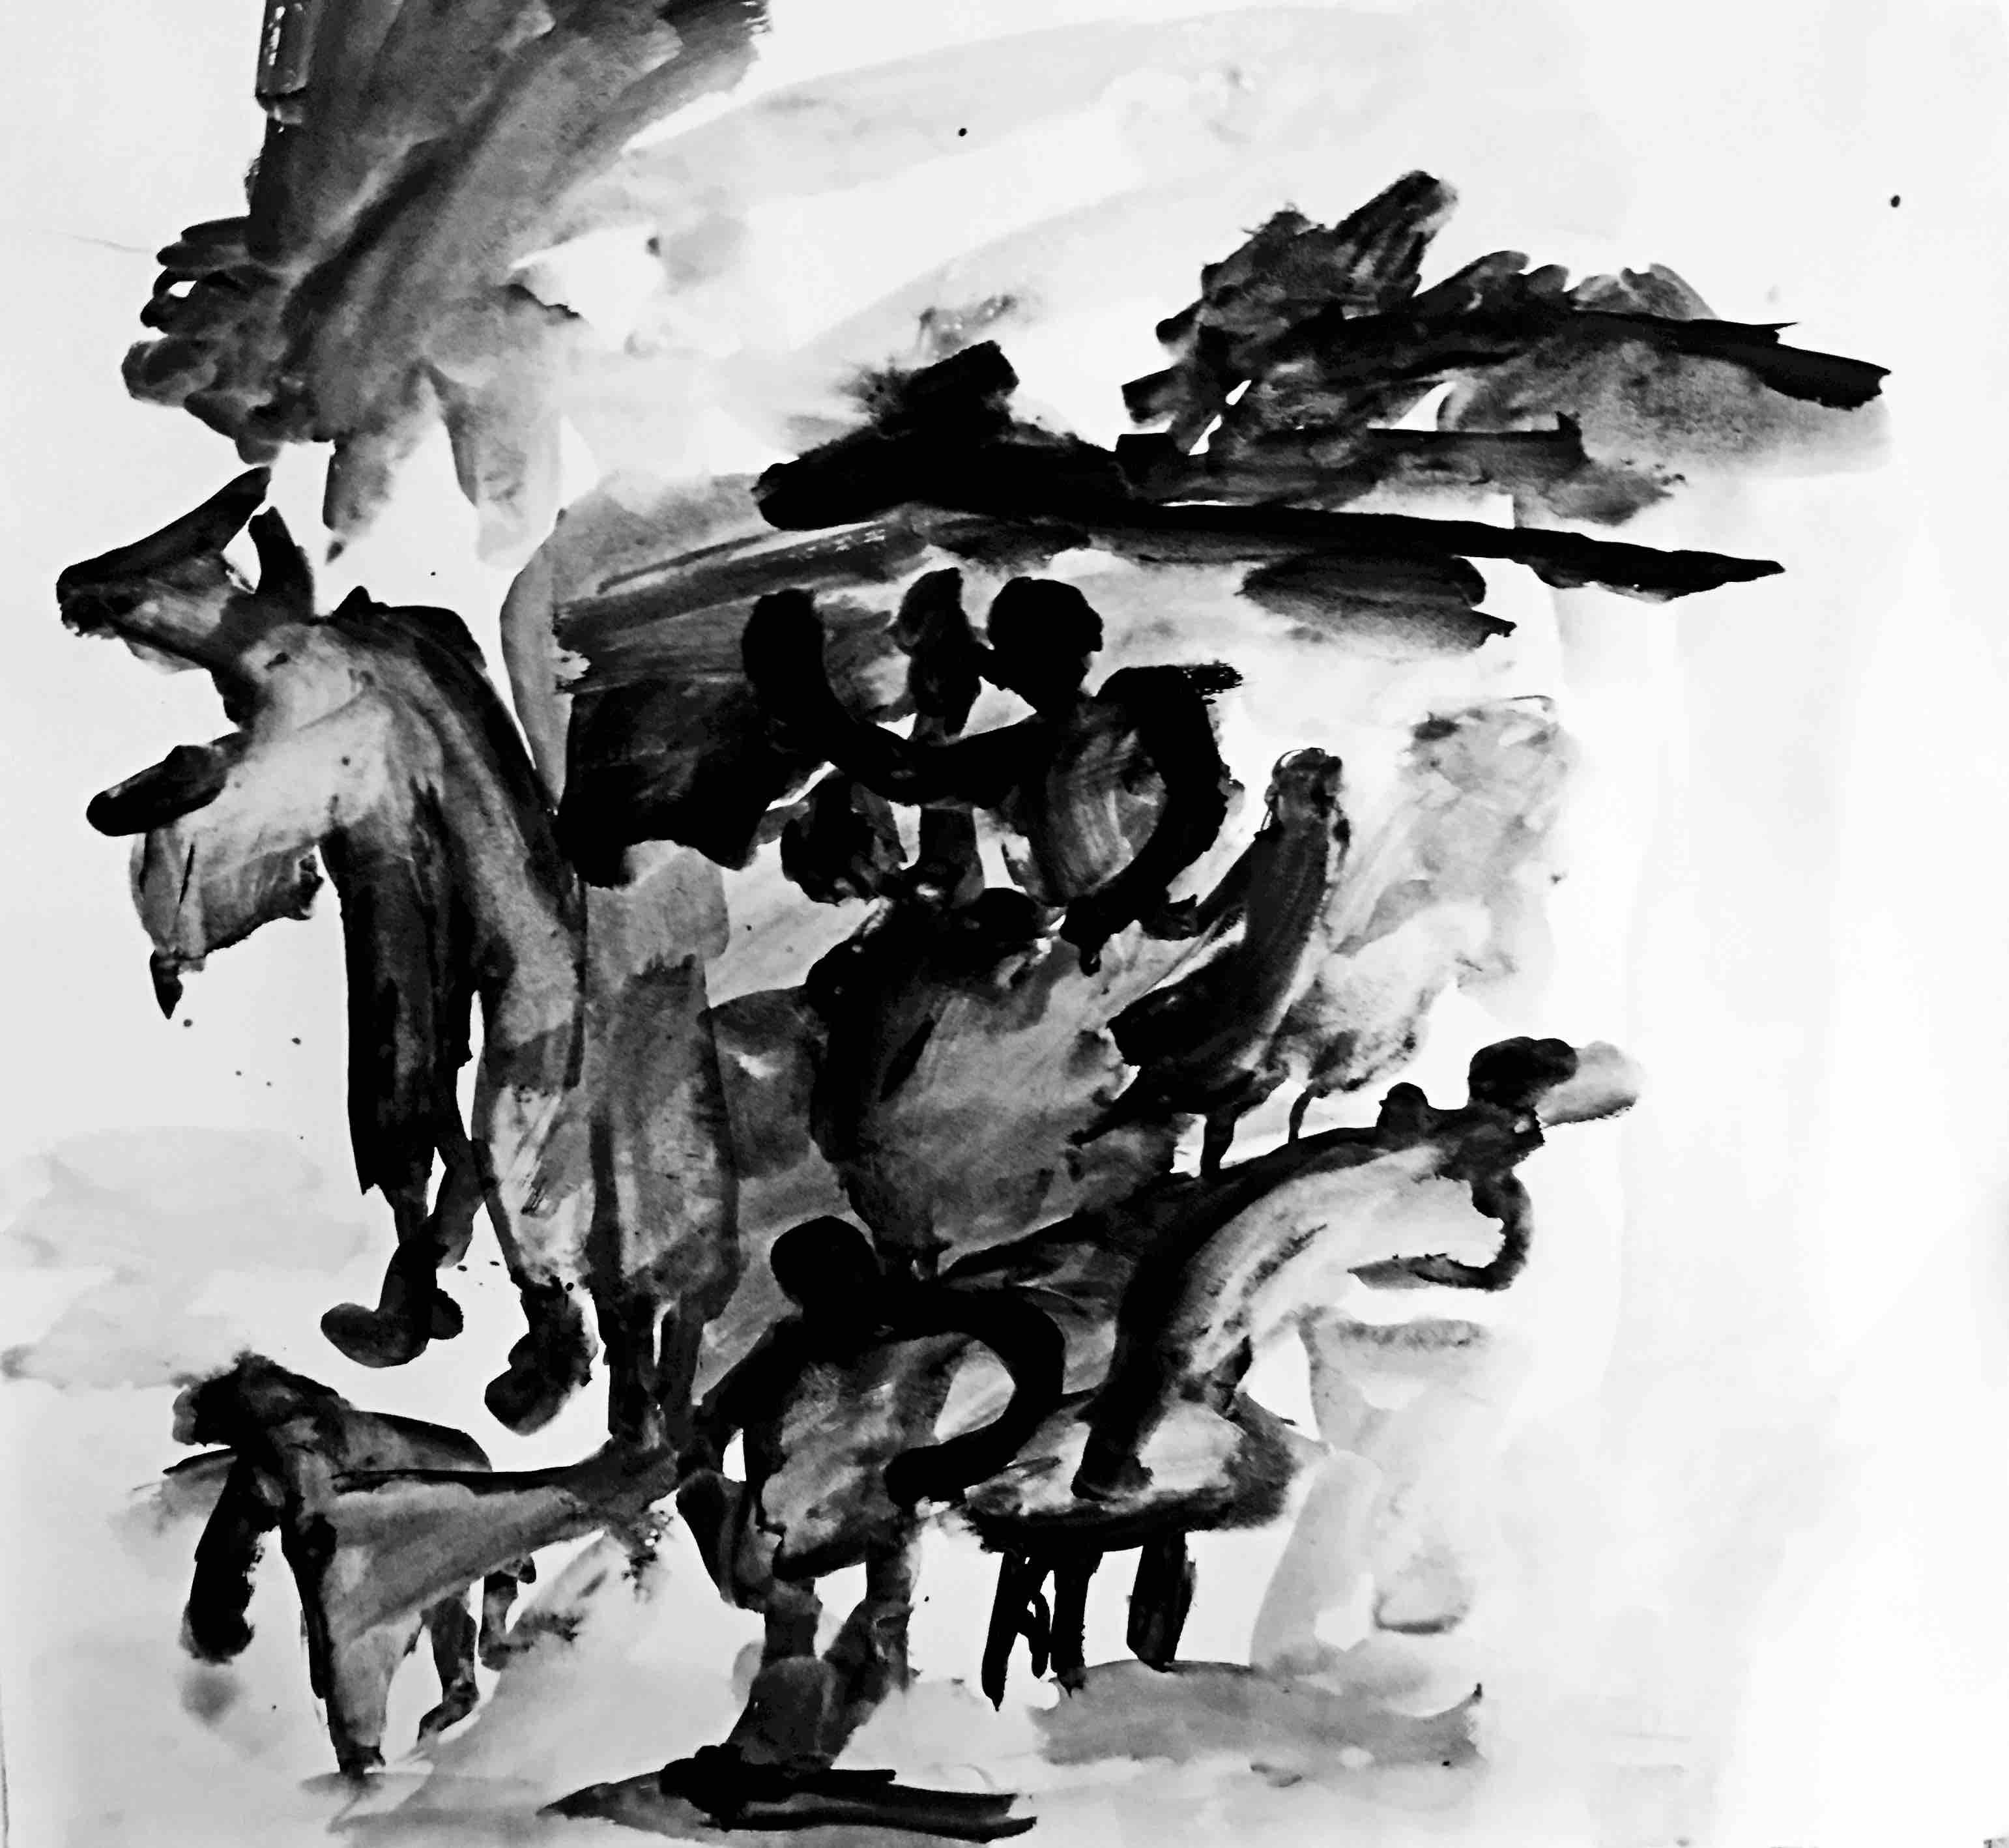 ohne titel (3), acryl/papier